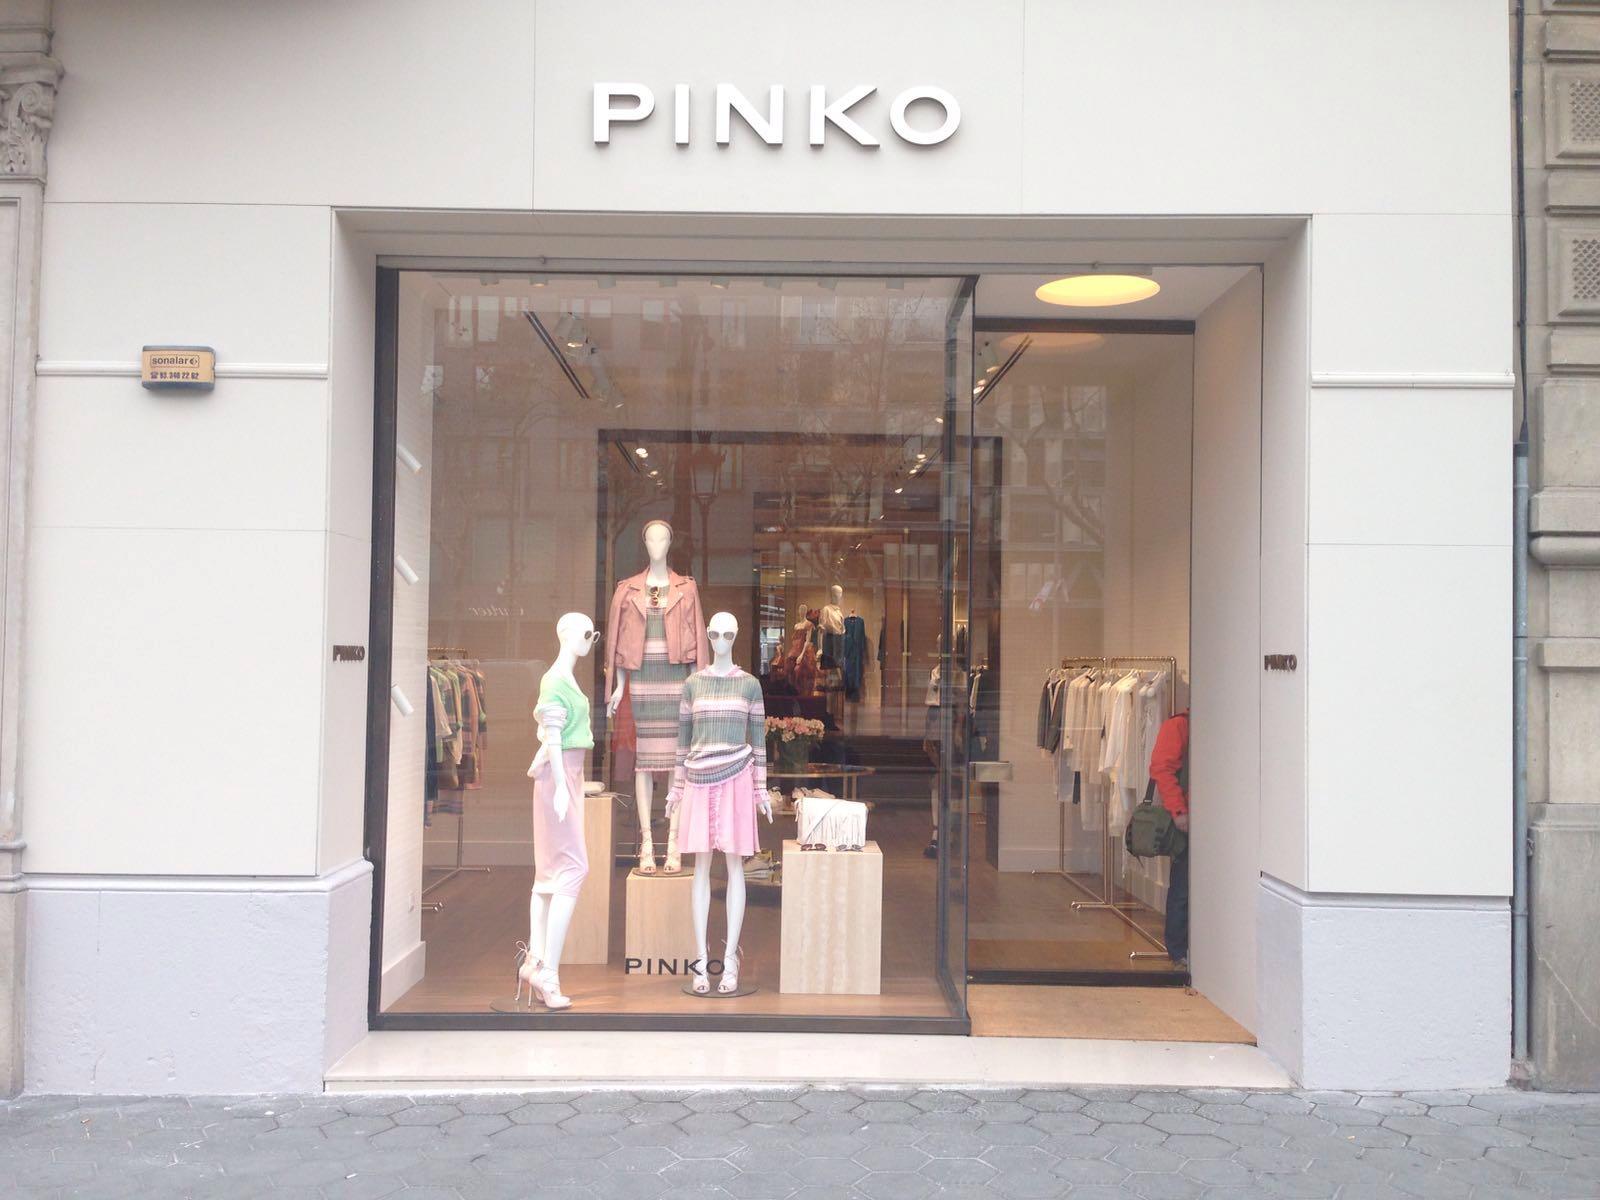 reformas_locales_comerciales_oficinas_pinko paseo gracia01